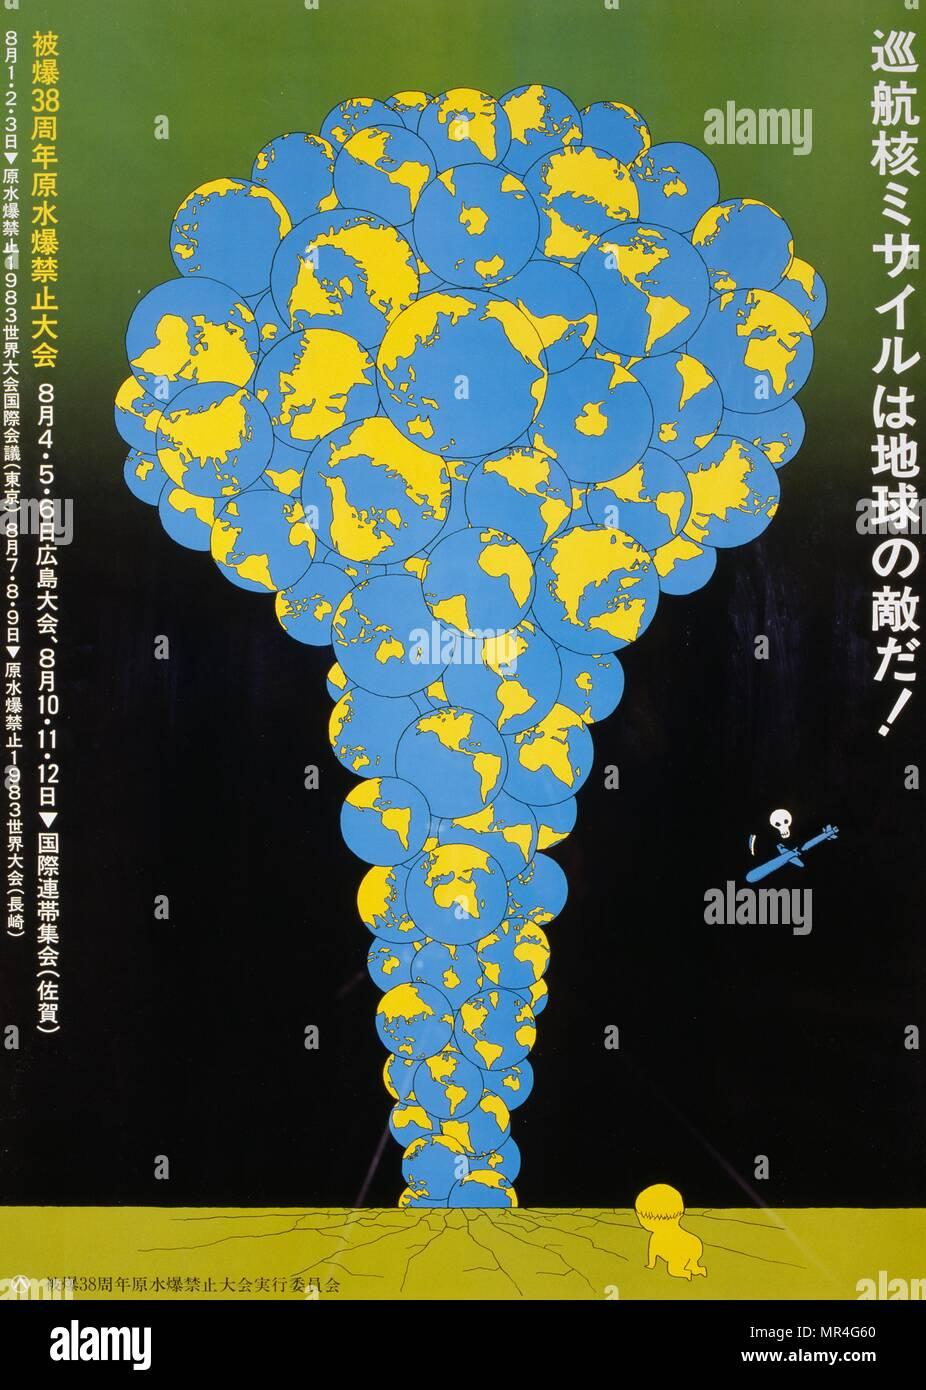 La paix japonais affiche de campagne pendant la guerre froide, 1985 Photo Stock